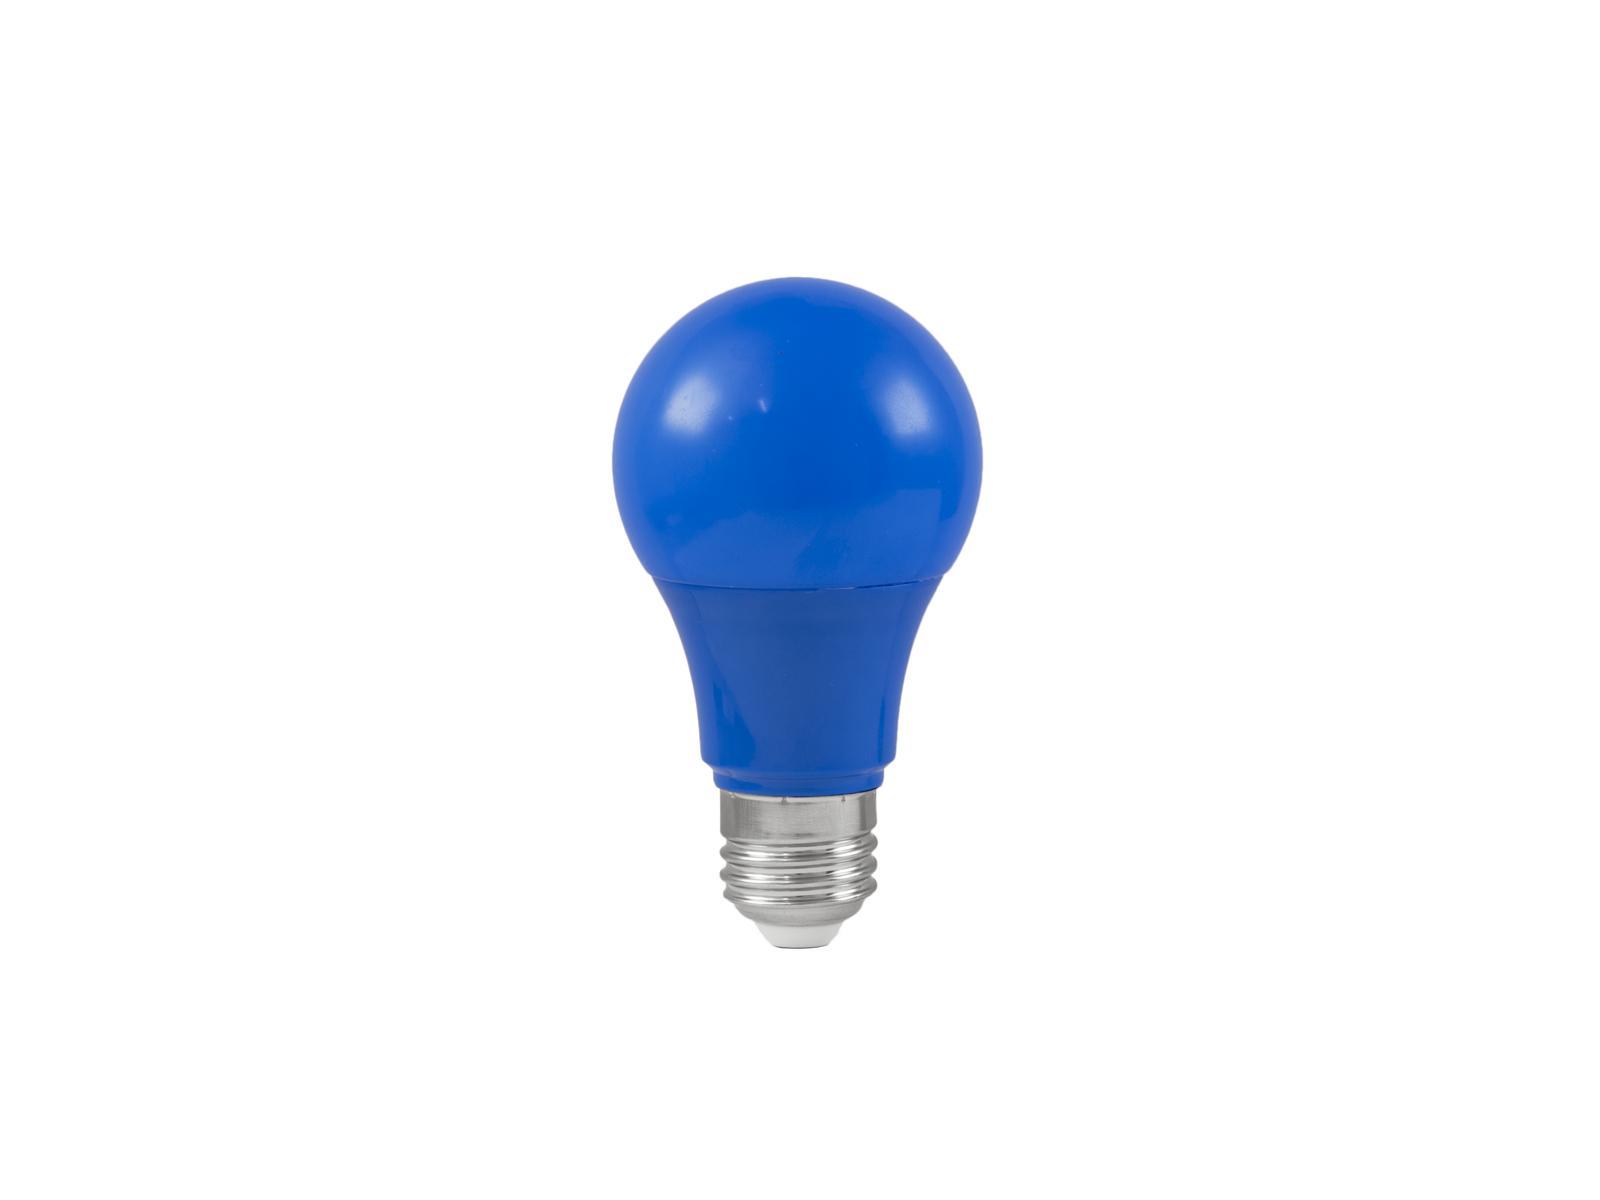 Lampada a led blu A60 230V 3W E-27 OMNILUX